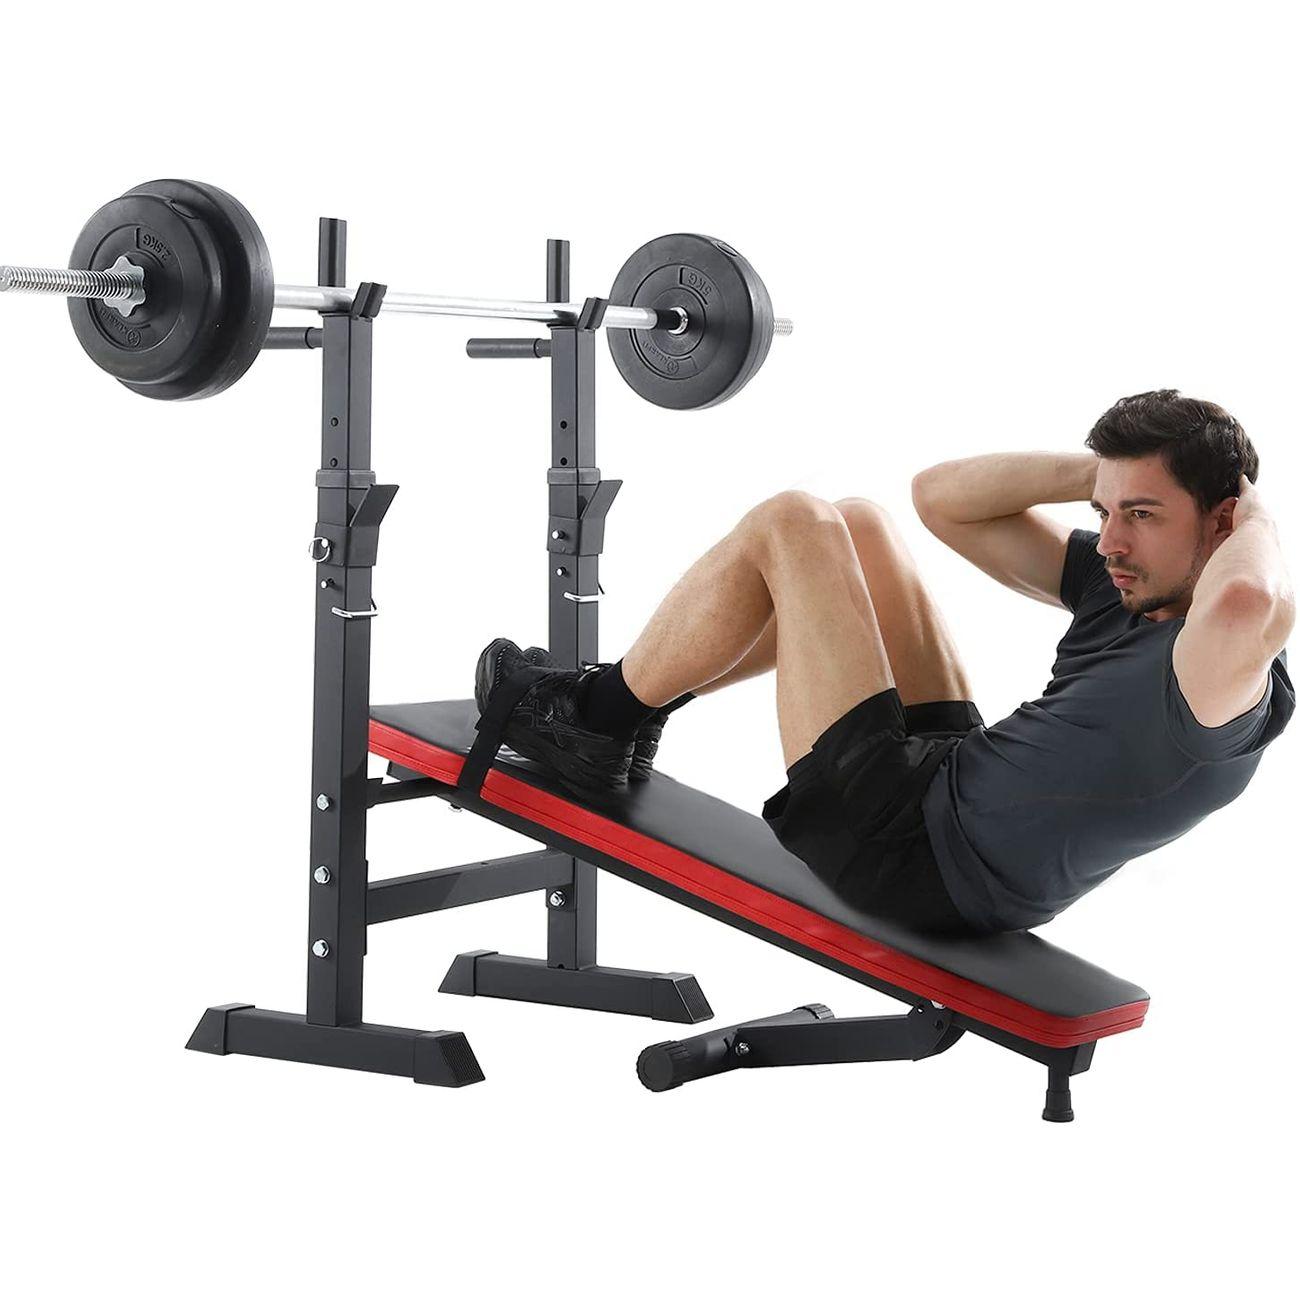 ISE ISE Banc de musculation pliable et réglable SY-544-BK